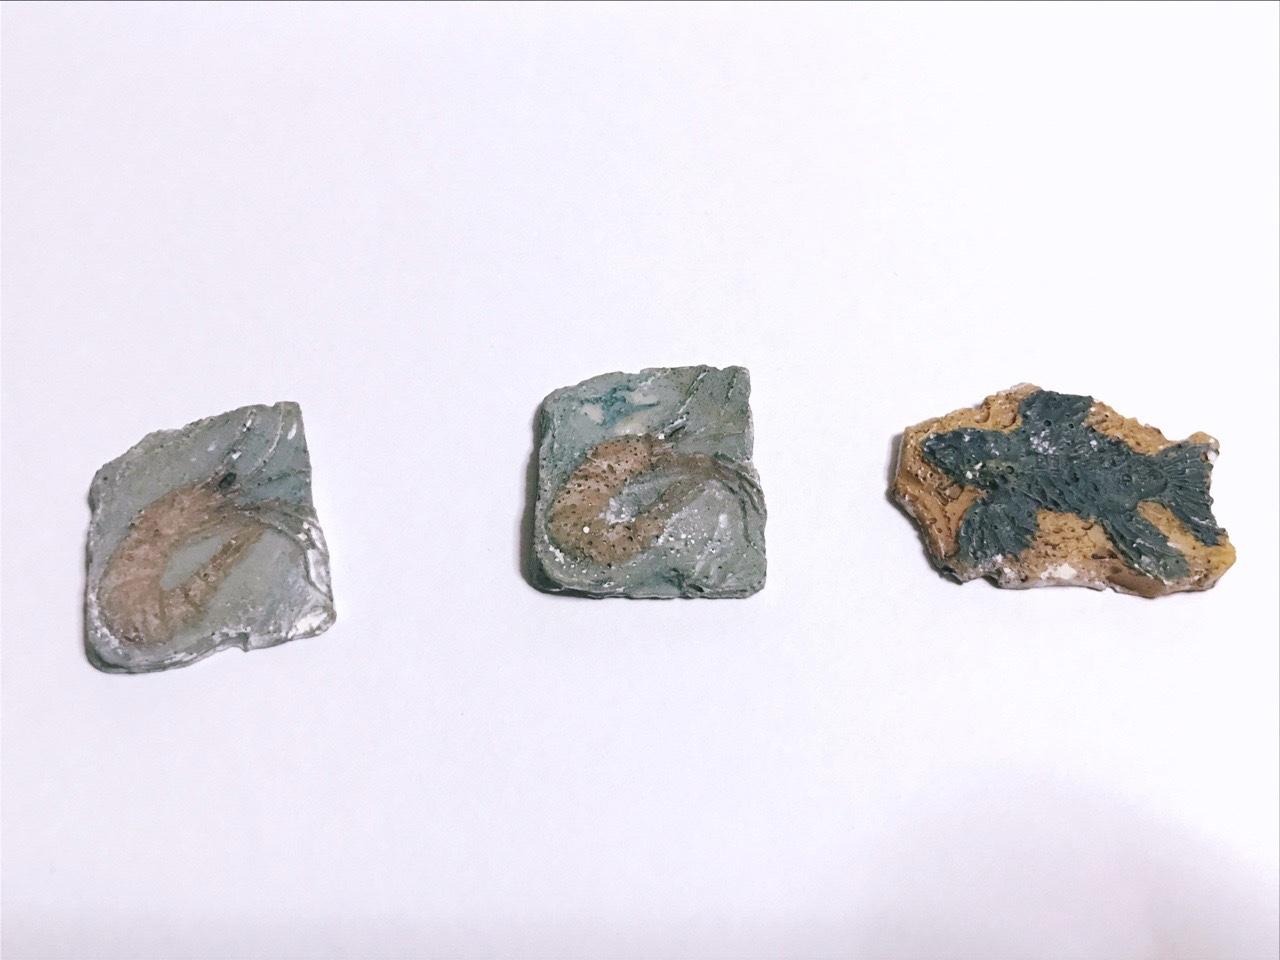 化石博物館シリーズ発掘後の画像